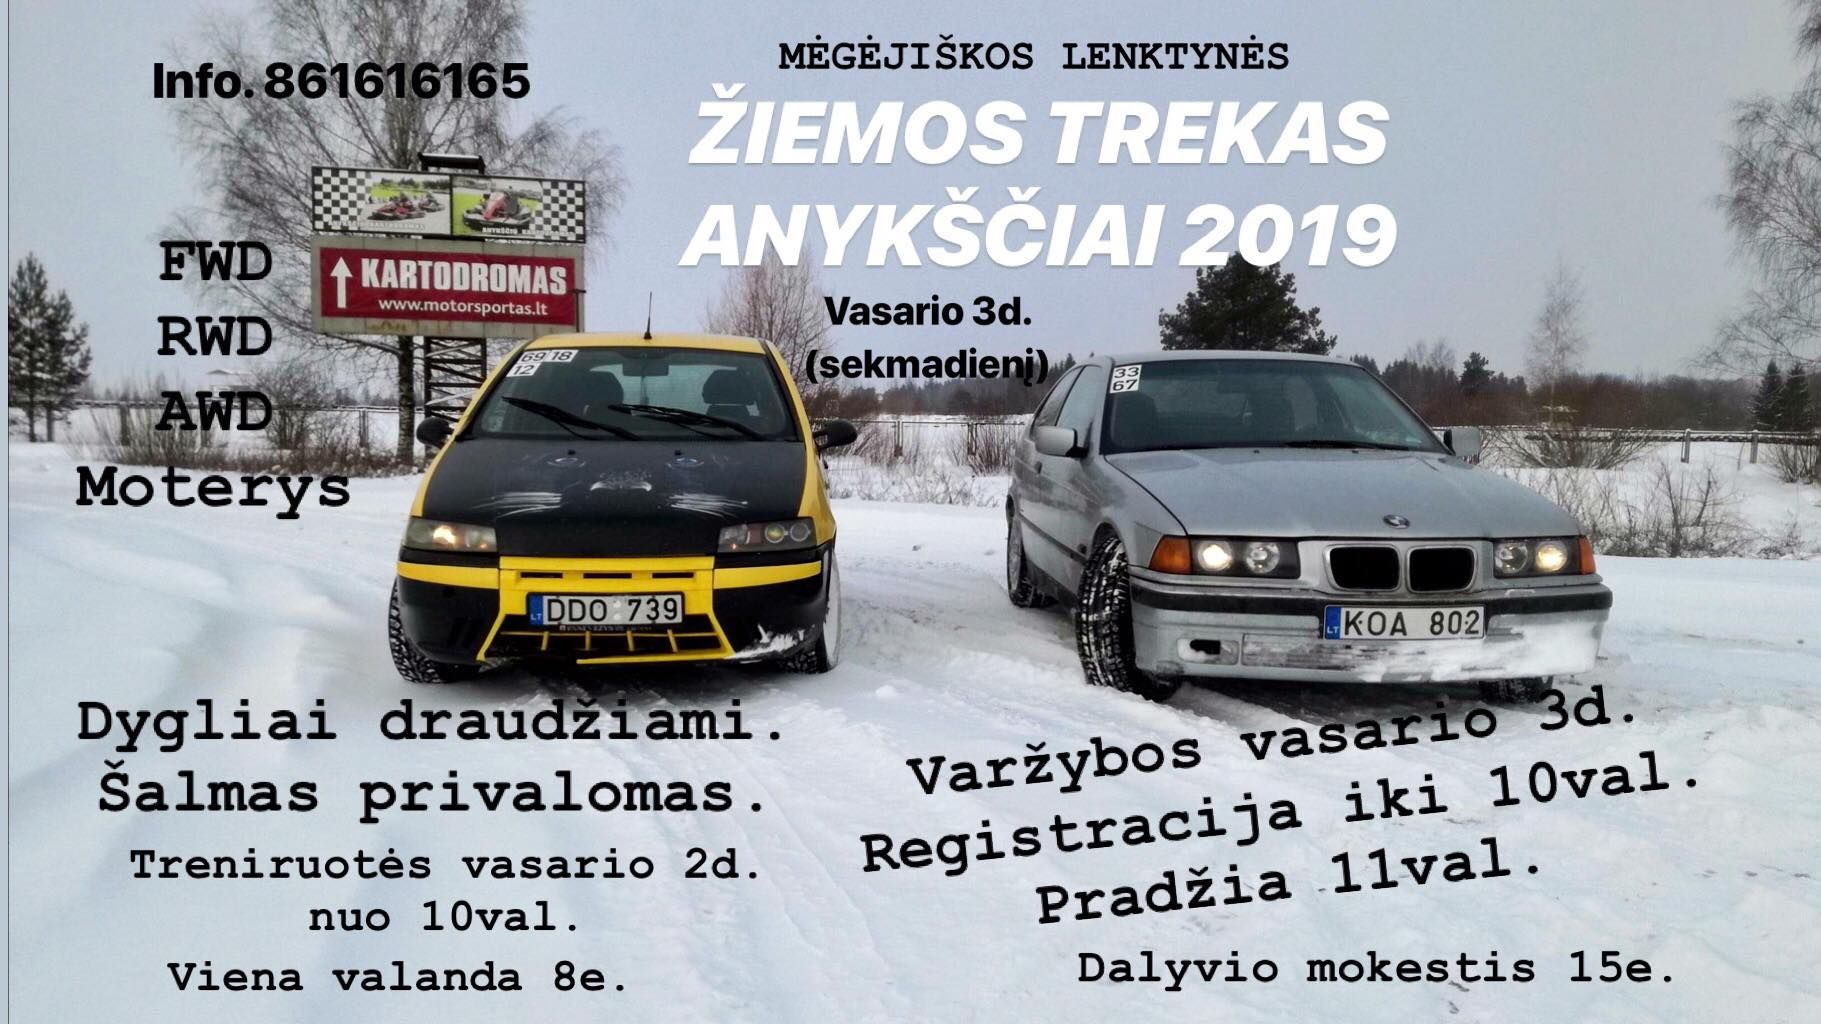 Žiemos trekas (2019) - Varžybos